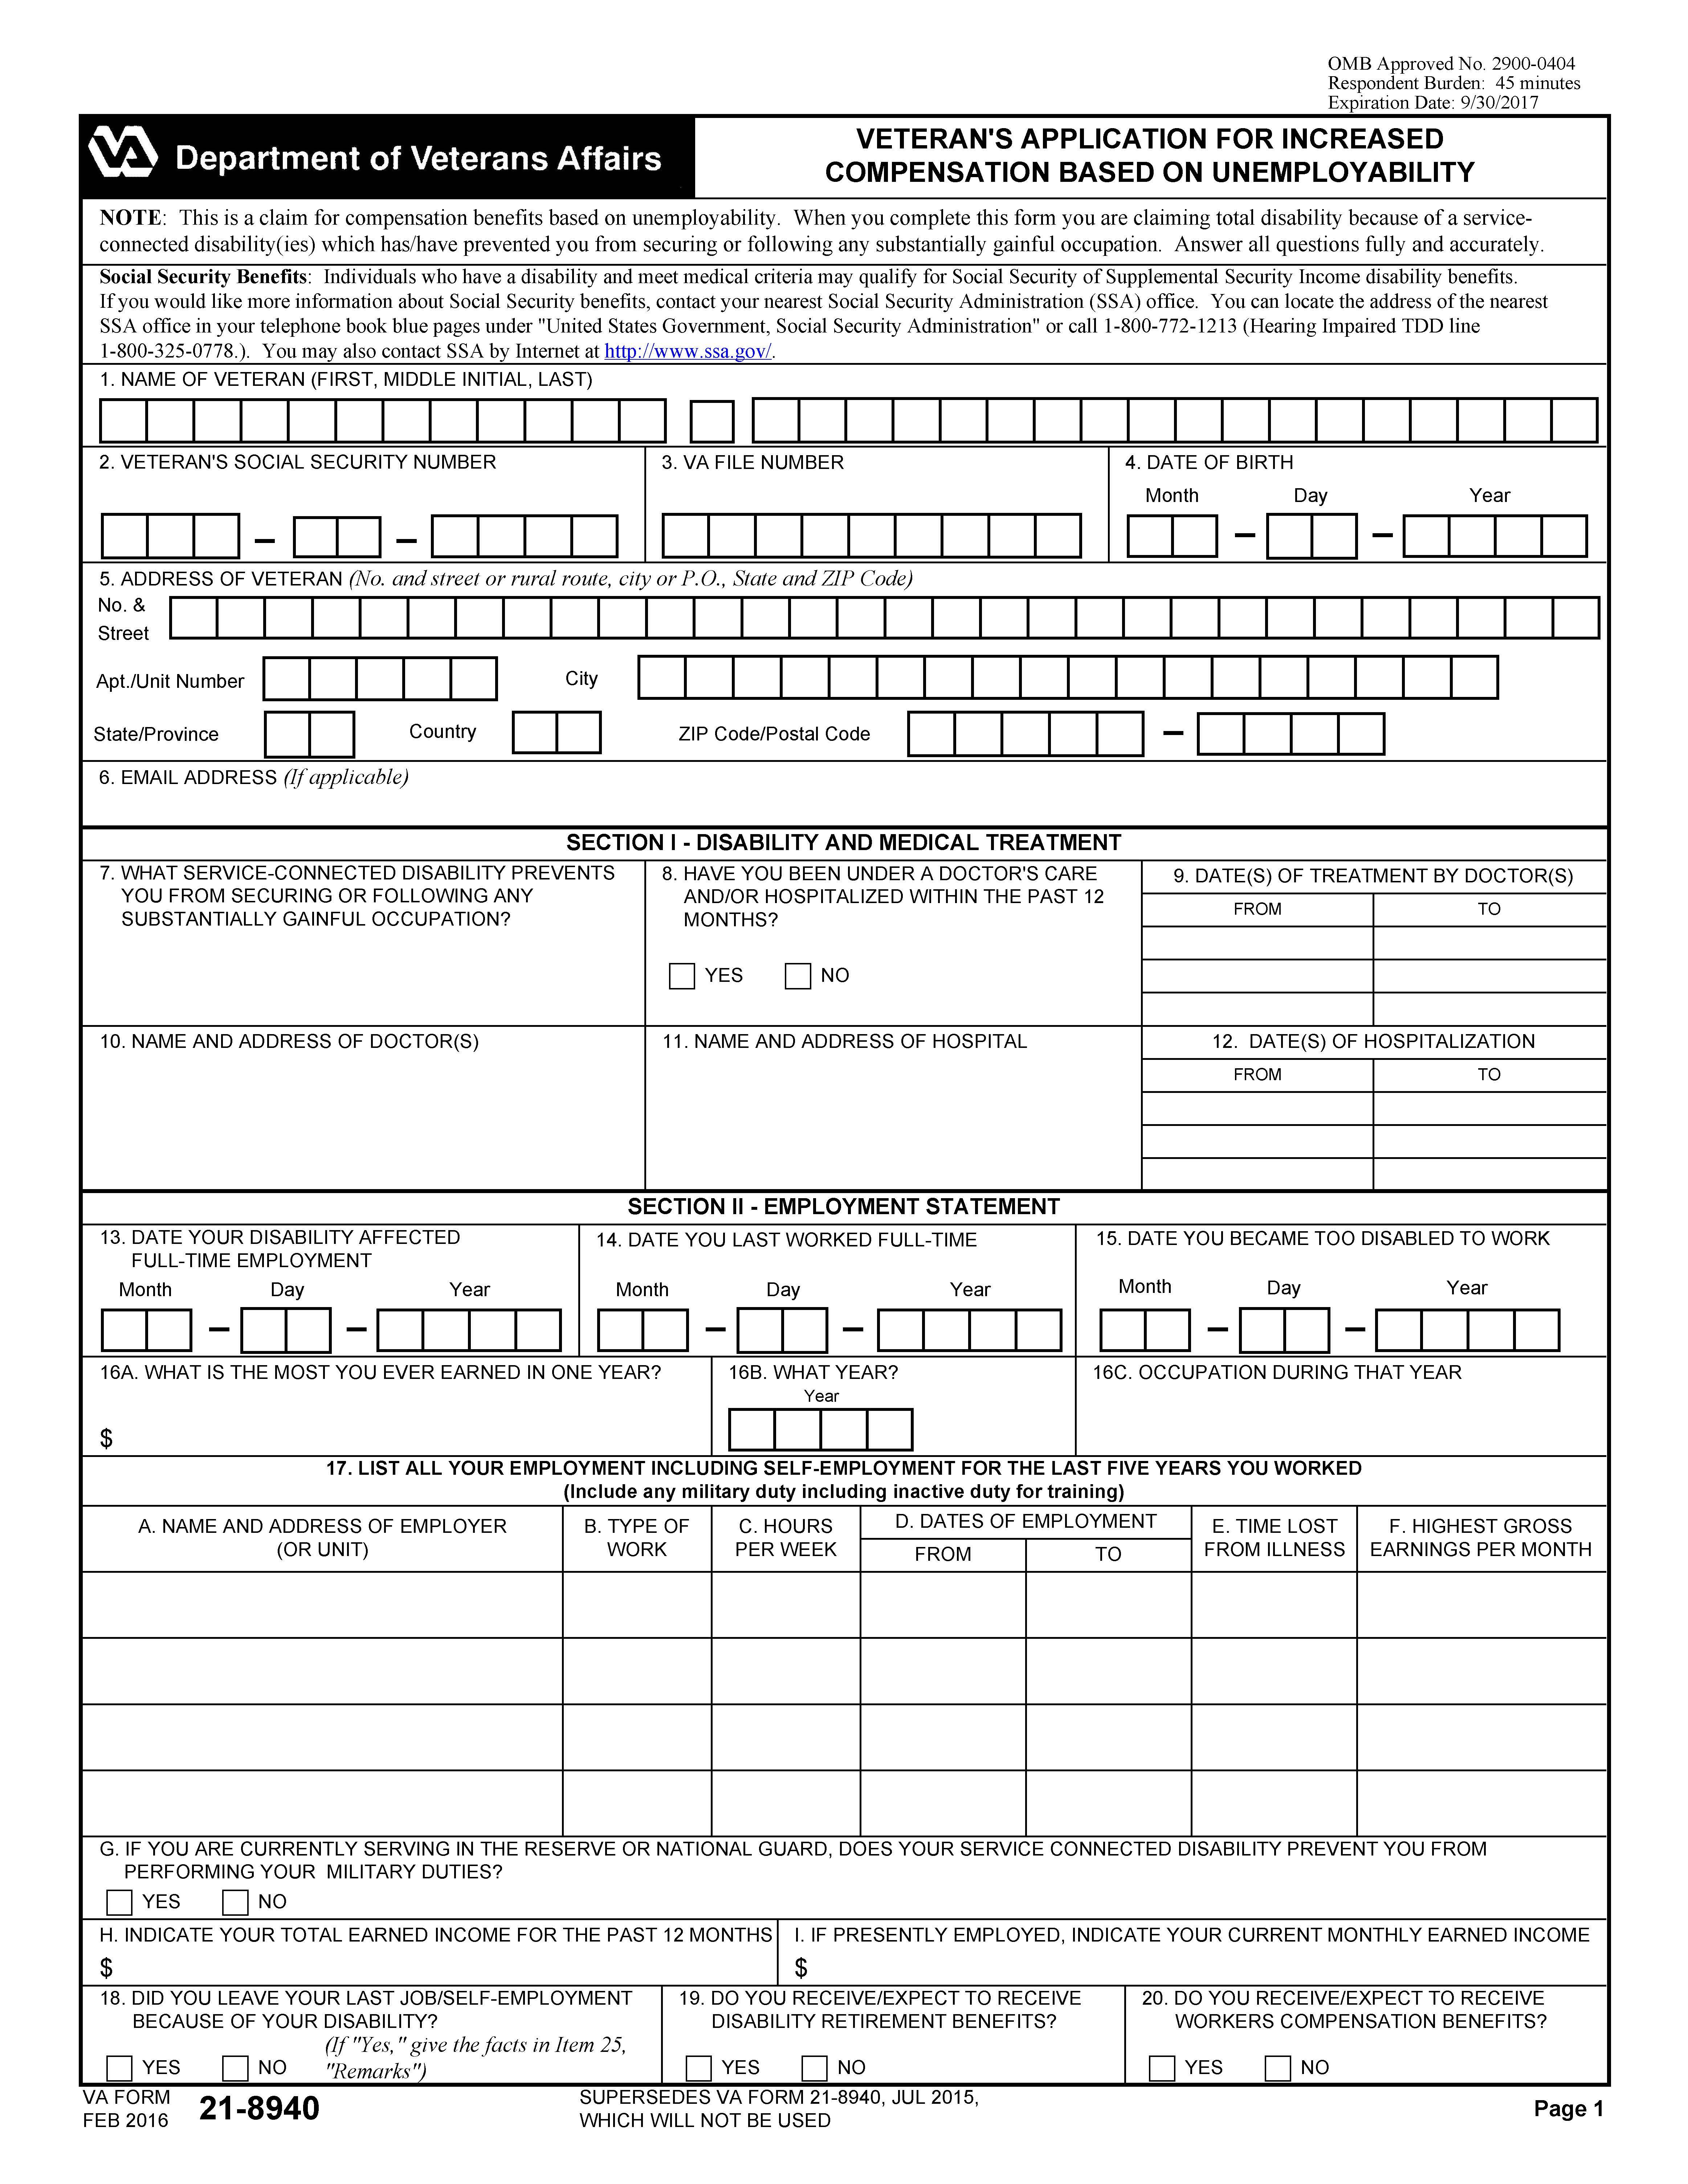 Va Form 21